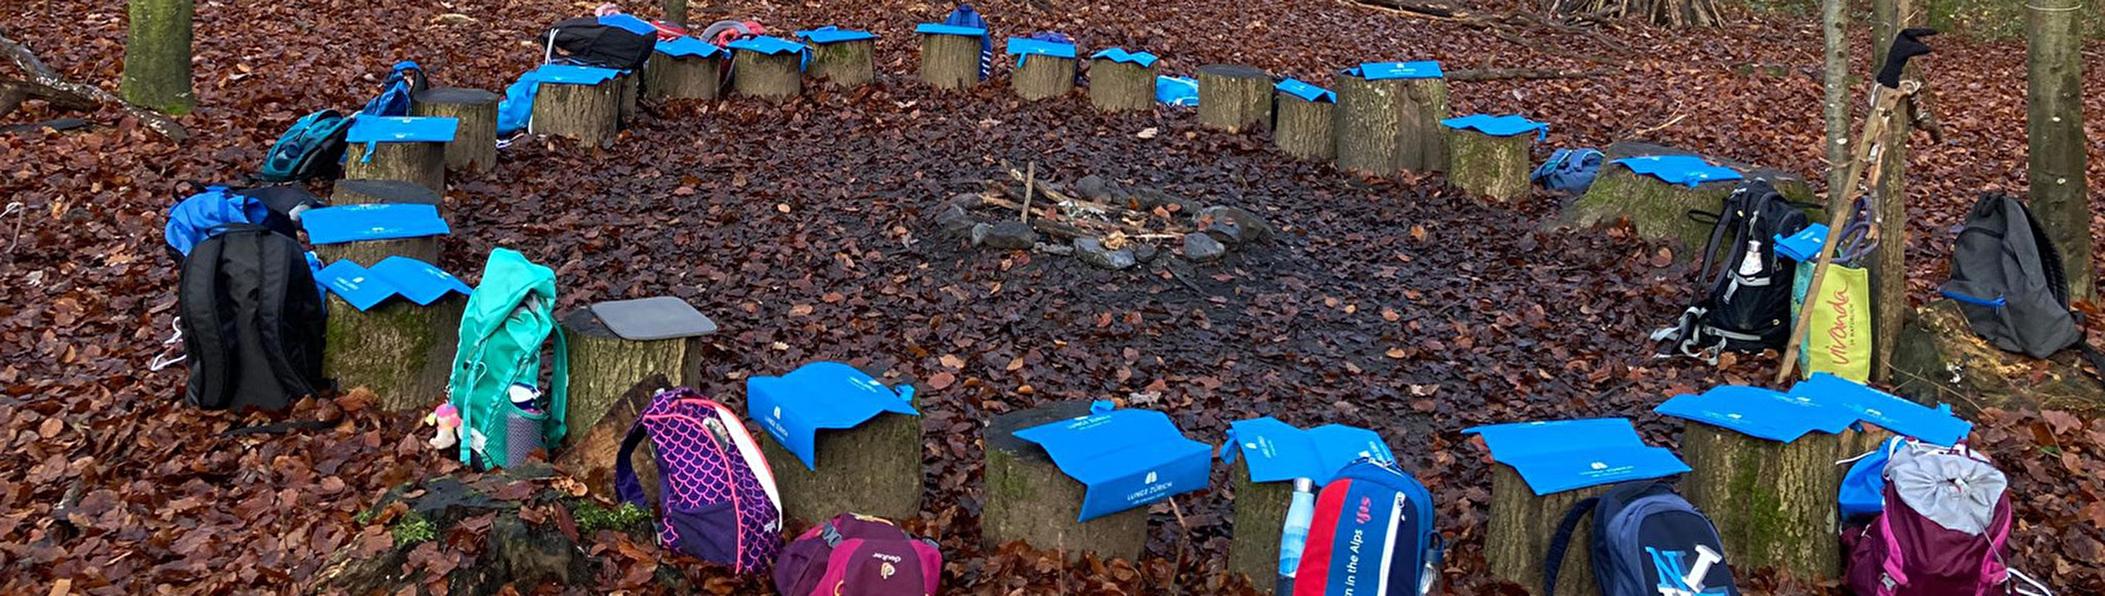 Schule im Wald mit Holzträmmel